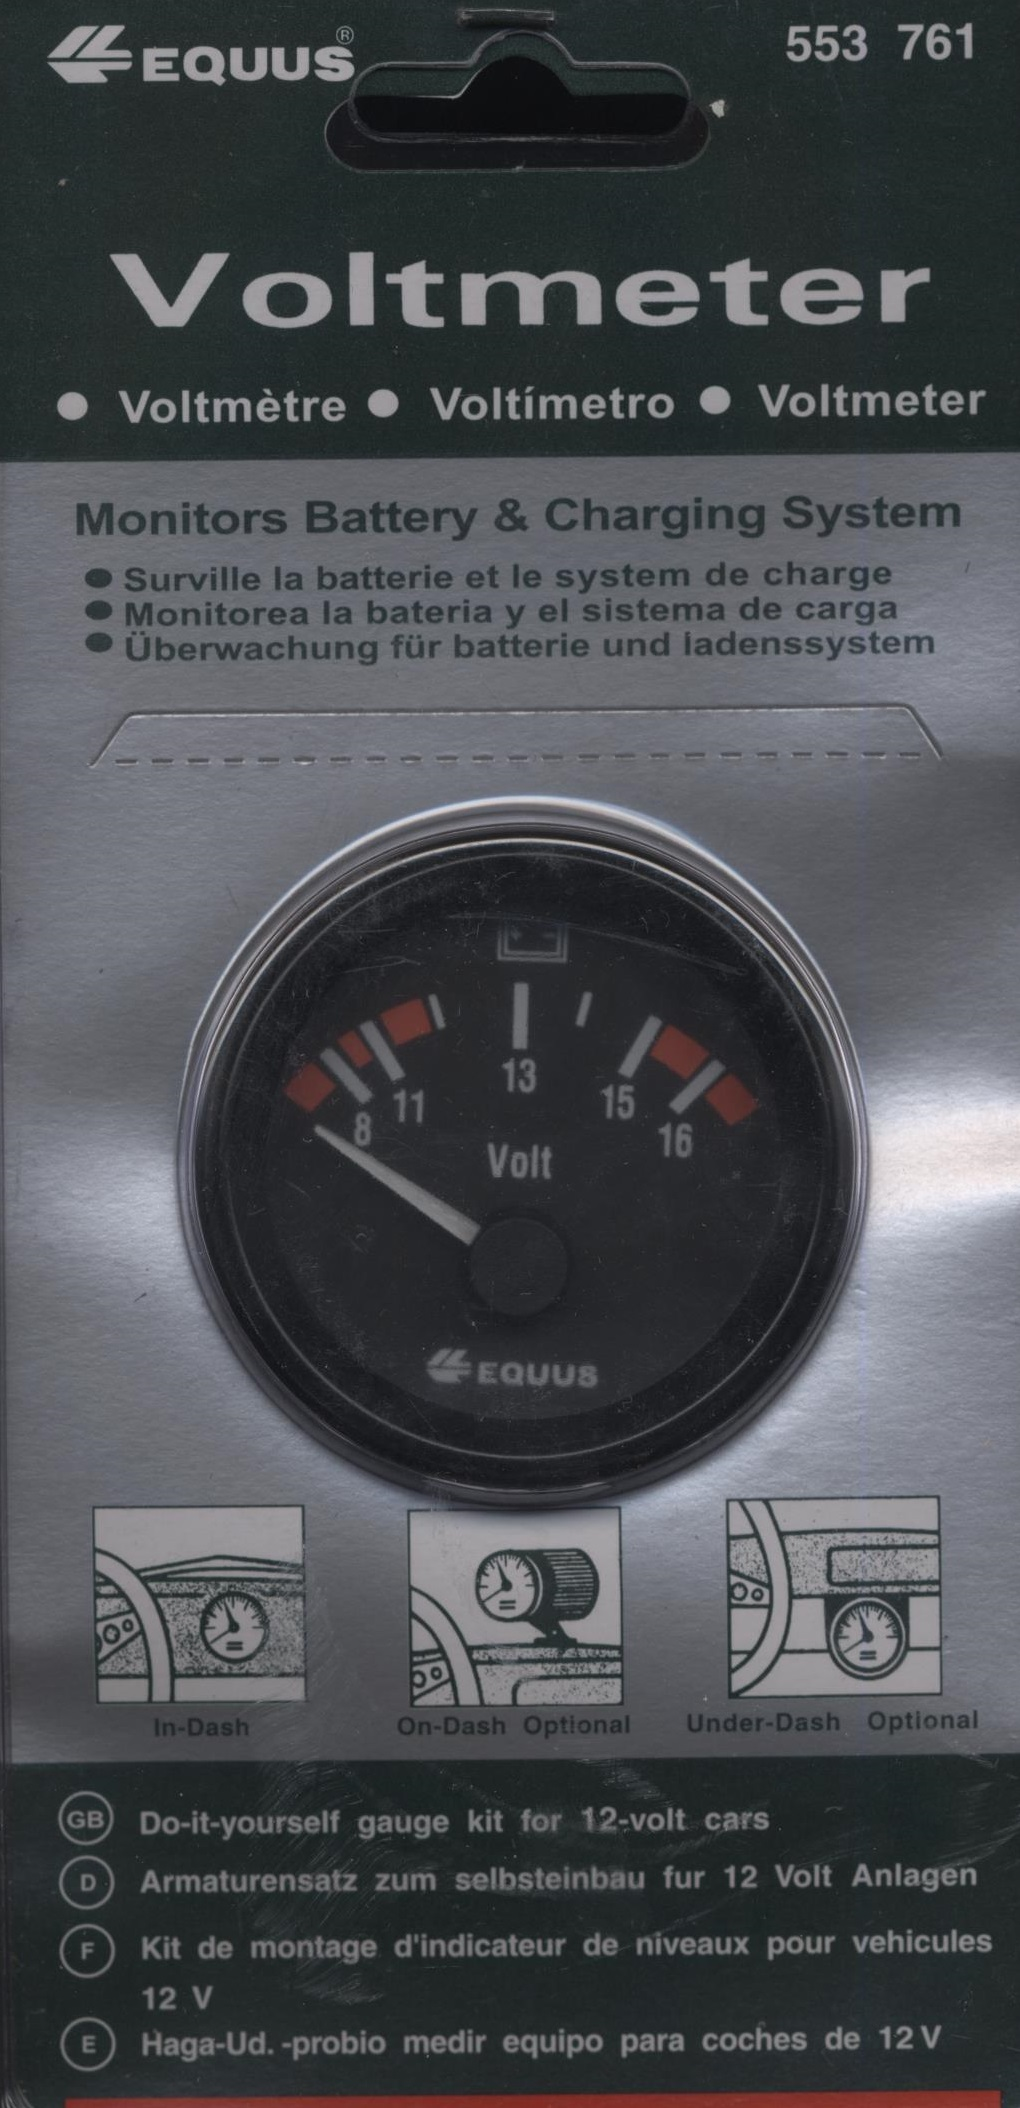 EQUUS voltmetre 2.jpeg